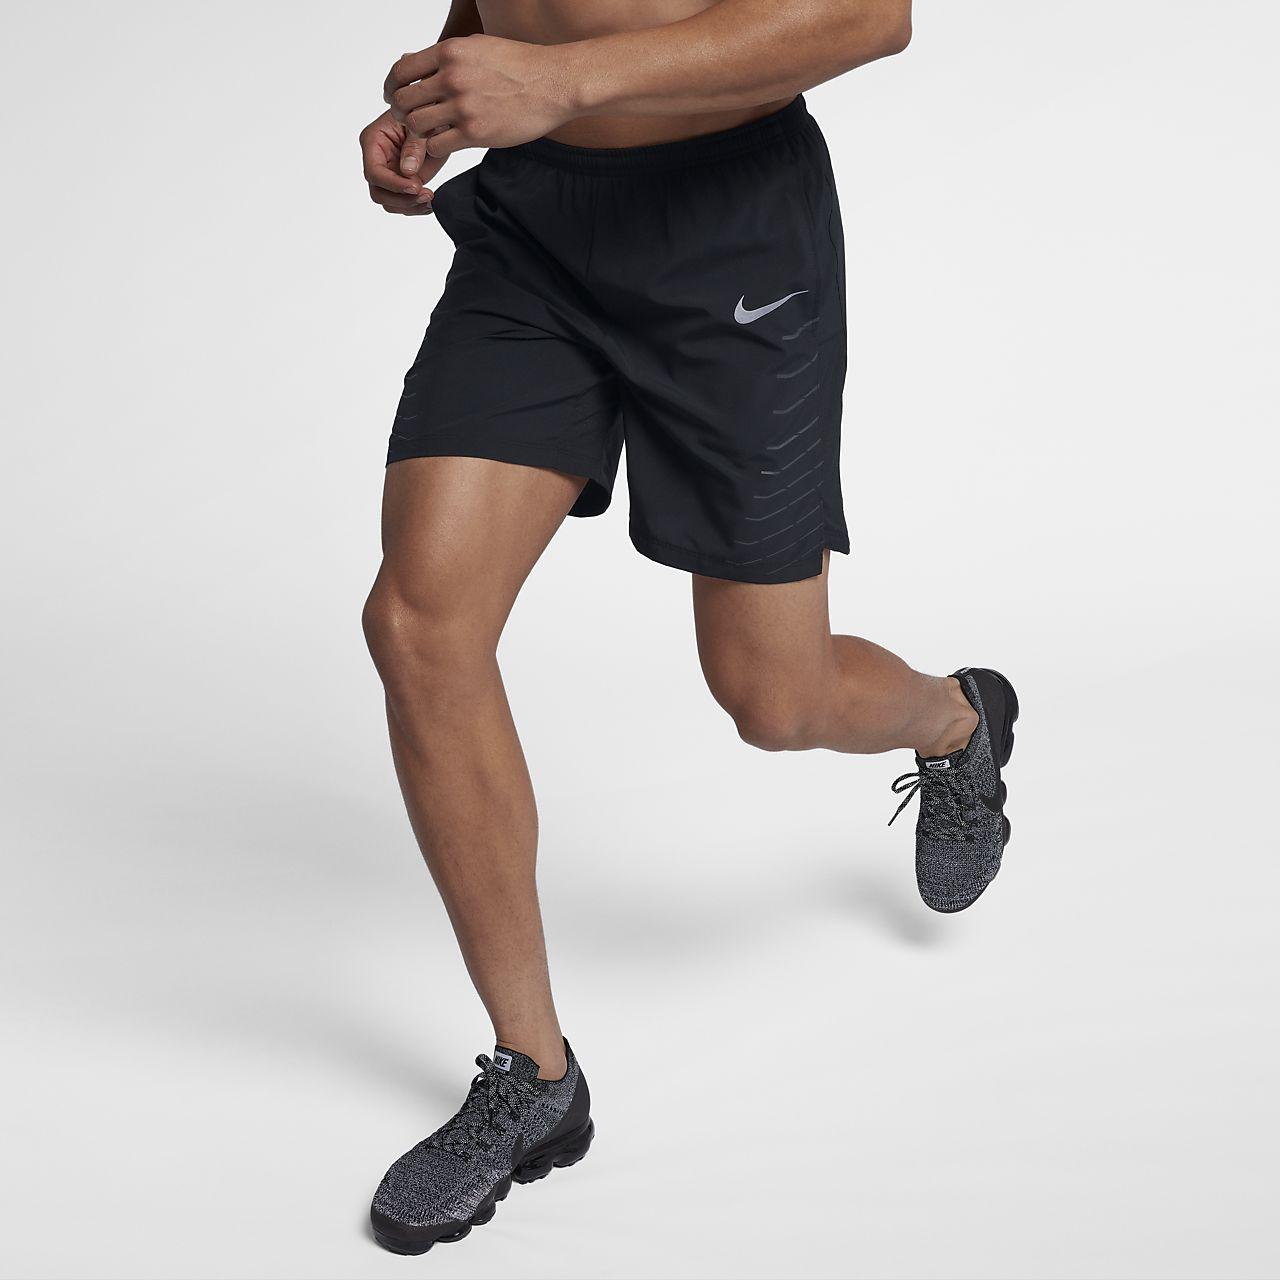 Nike Challenger Men's 7